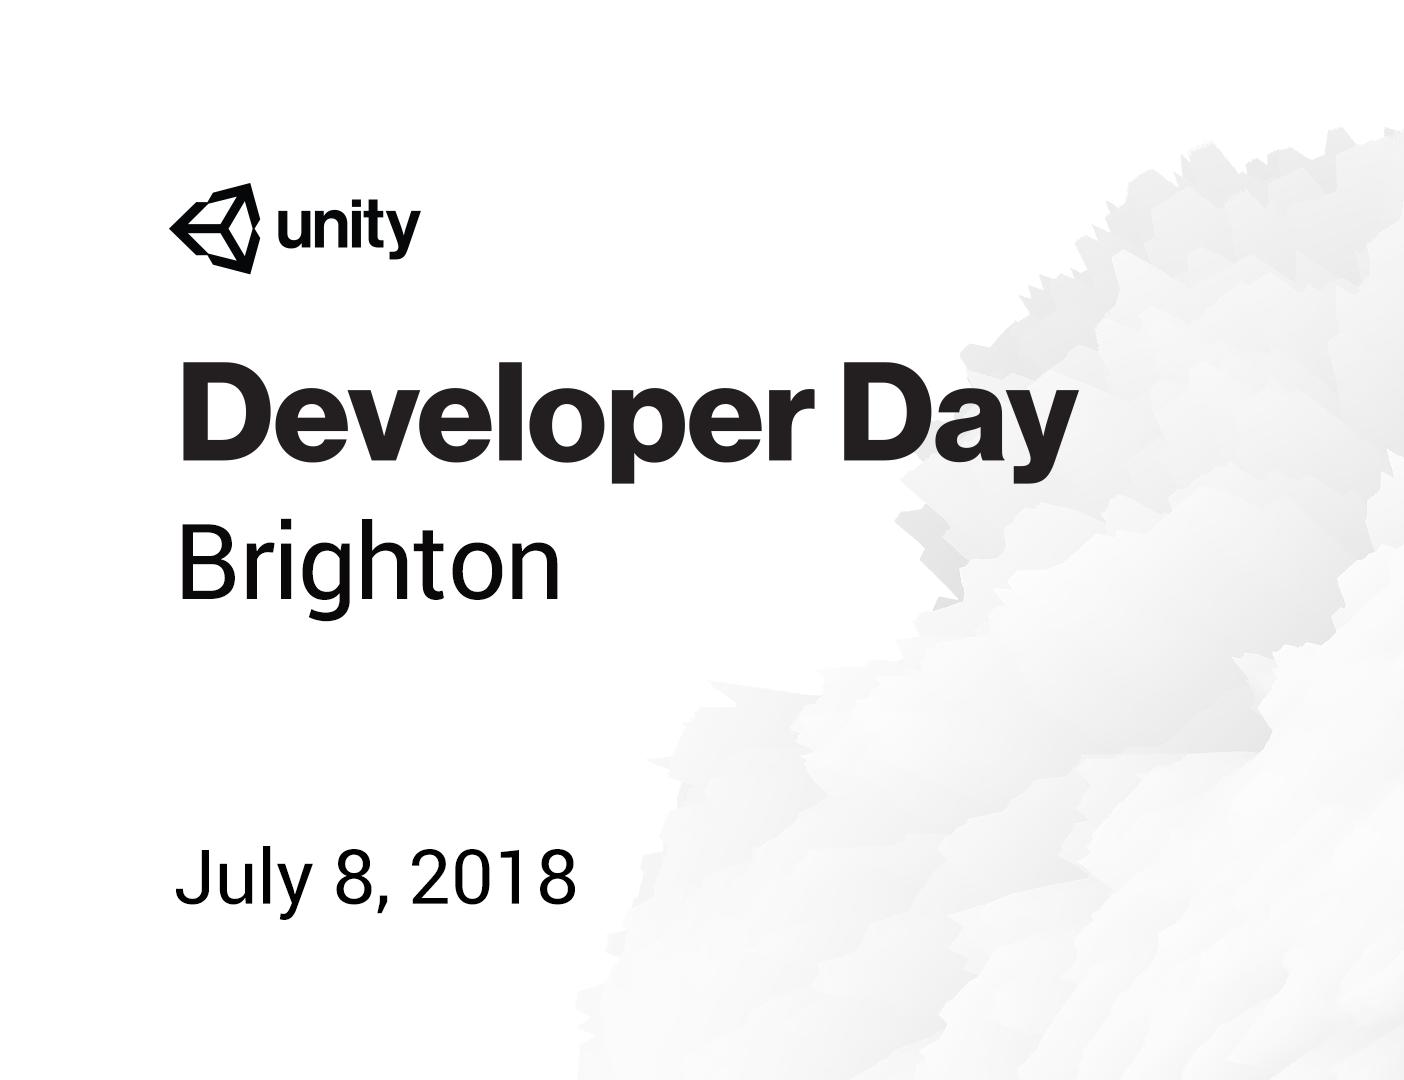 Unity Developer Day: Brighton 2018